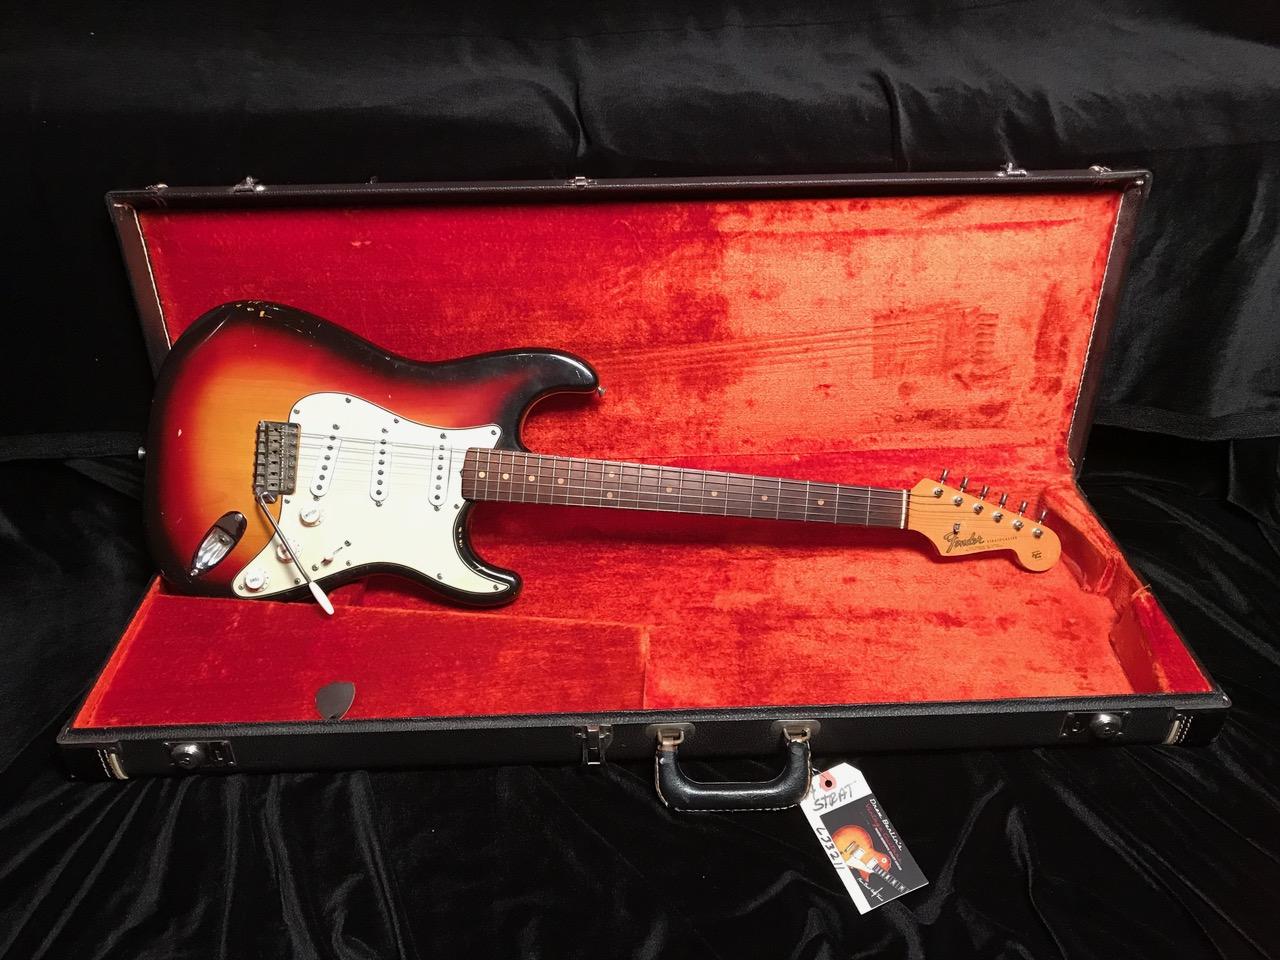 1964 Fender Stratocaster Sunburst SN# L33211